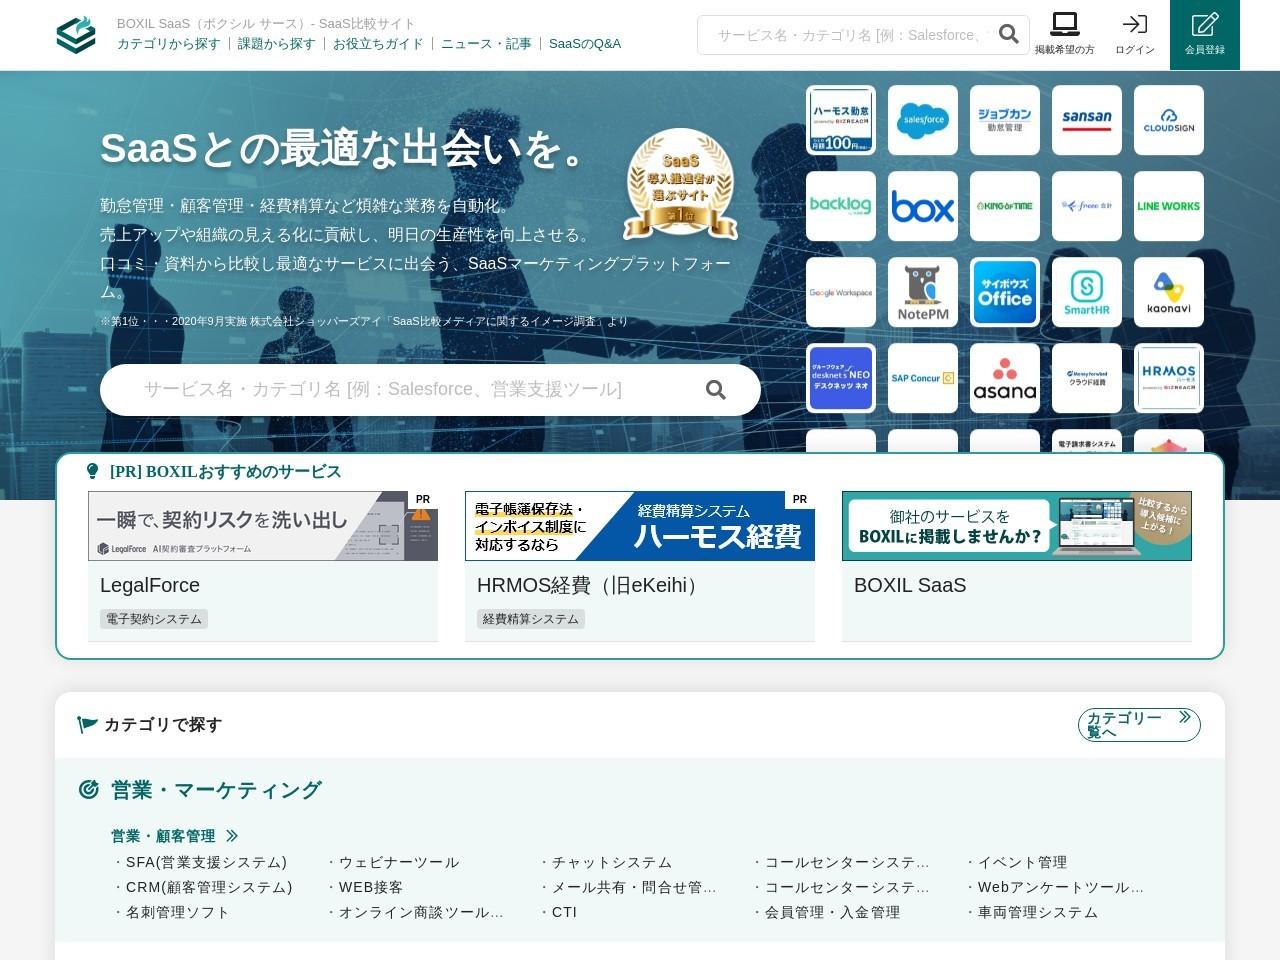 2017年、国内ITサービスのトップベンダーは富士通‐IDC発表